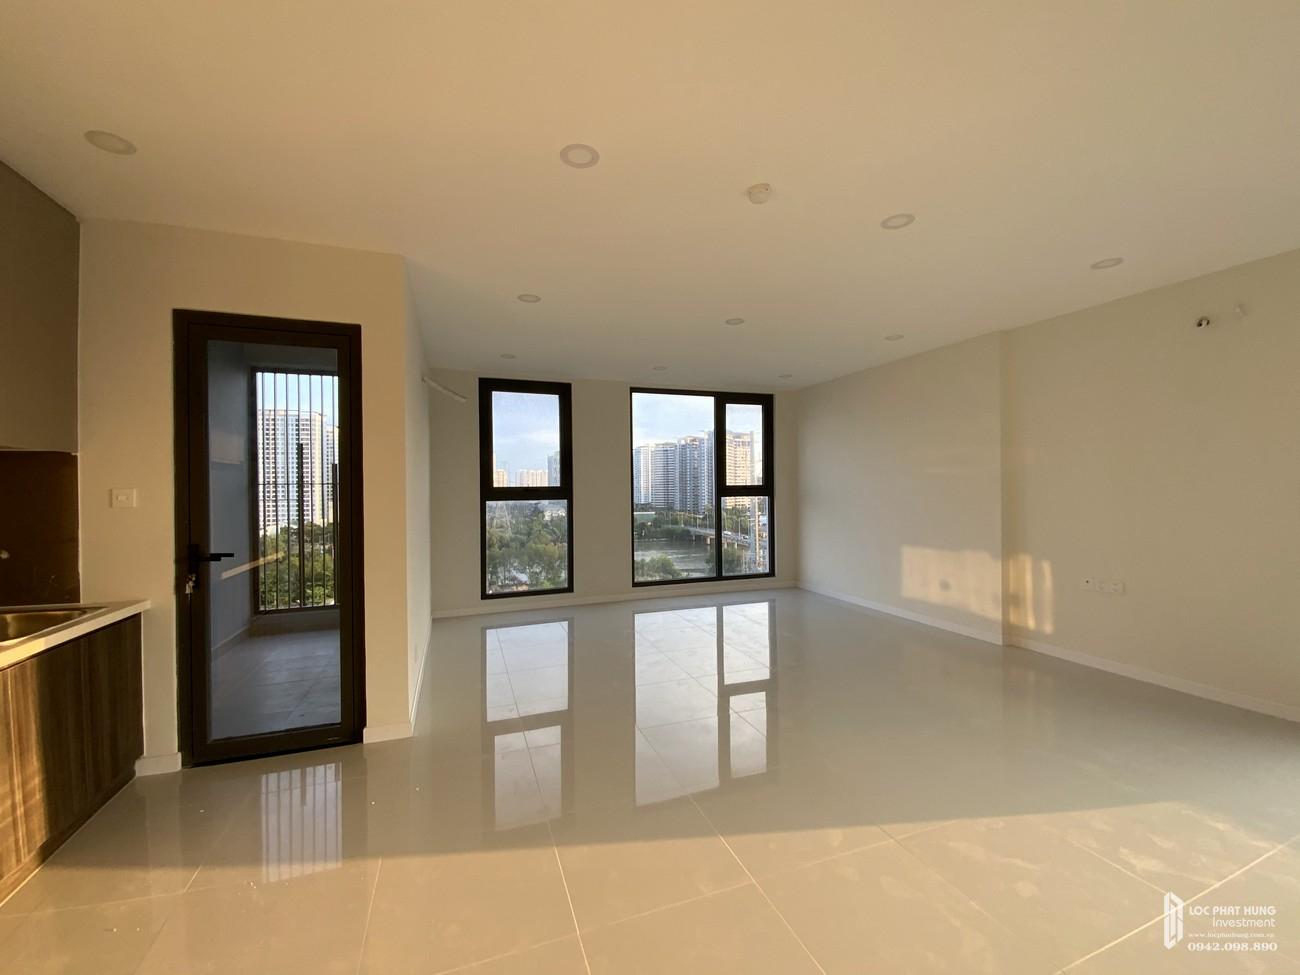 Nhà bàn giao thực tế dự án căn hộ Lavida Plus chủ đầu tư Quốc Cường Gia Lai